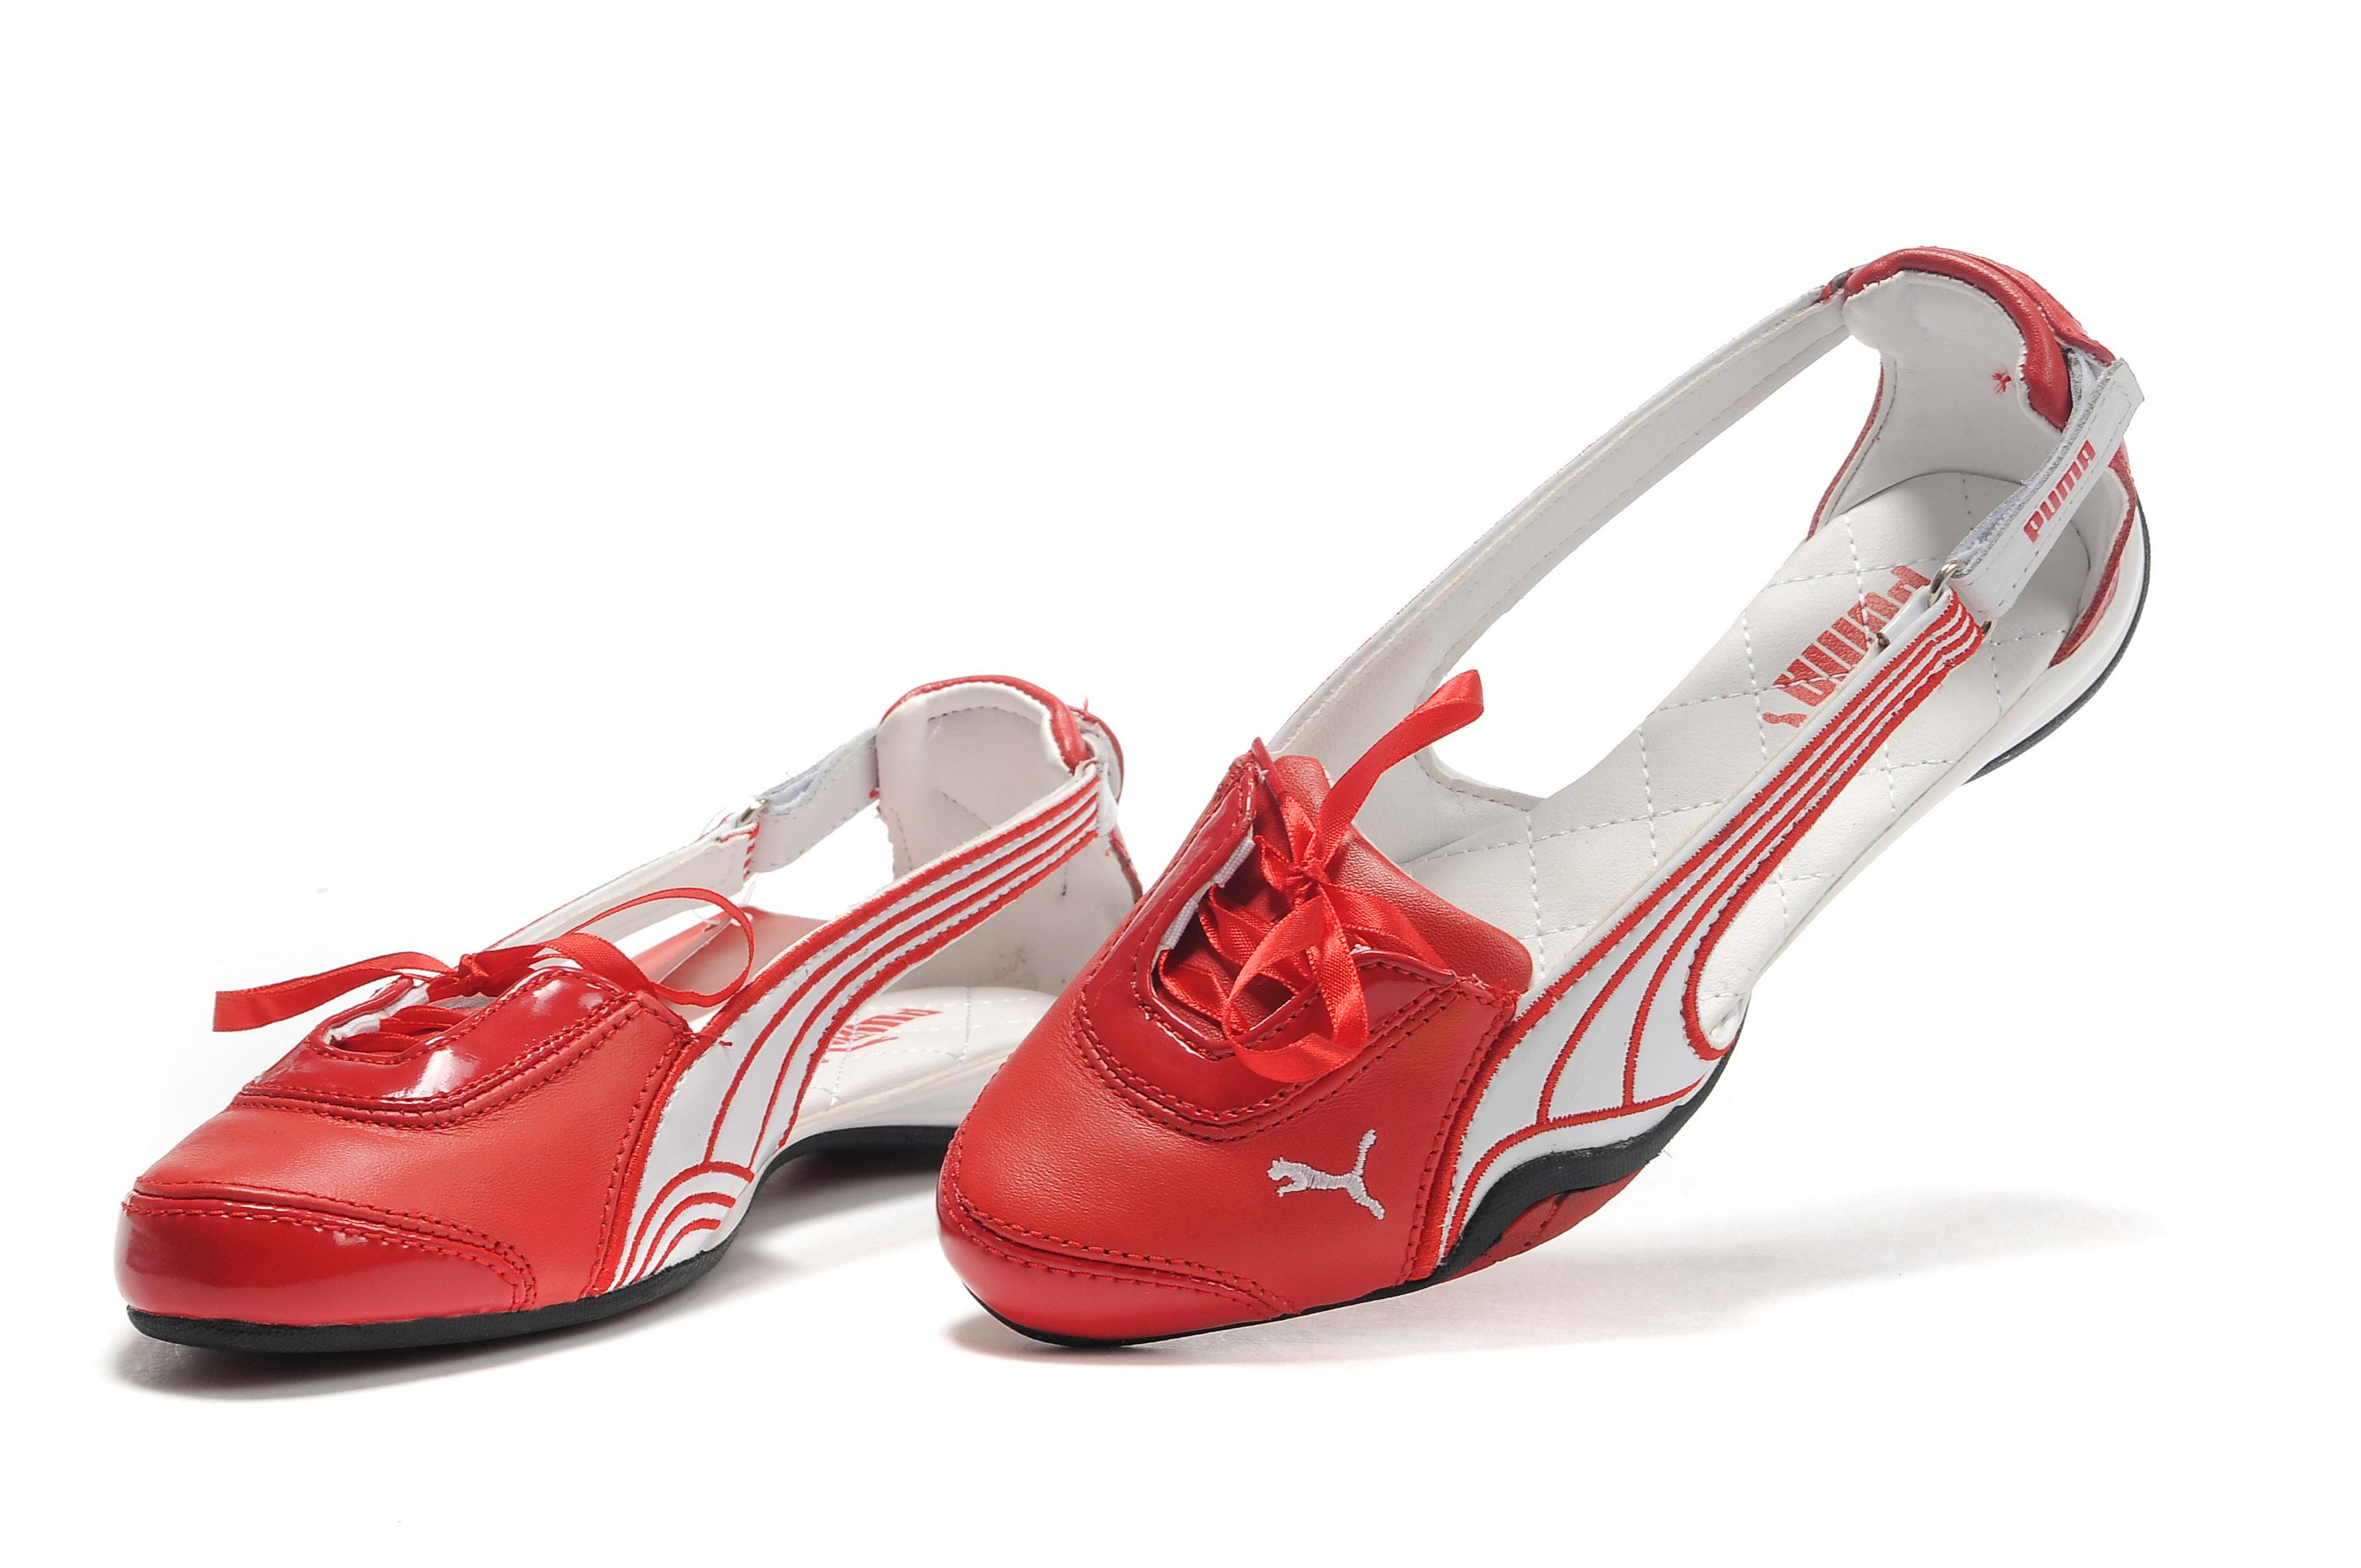 Puma Espera Ballerina Flats Red/White